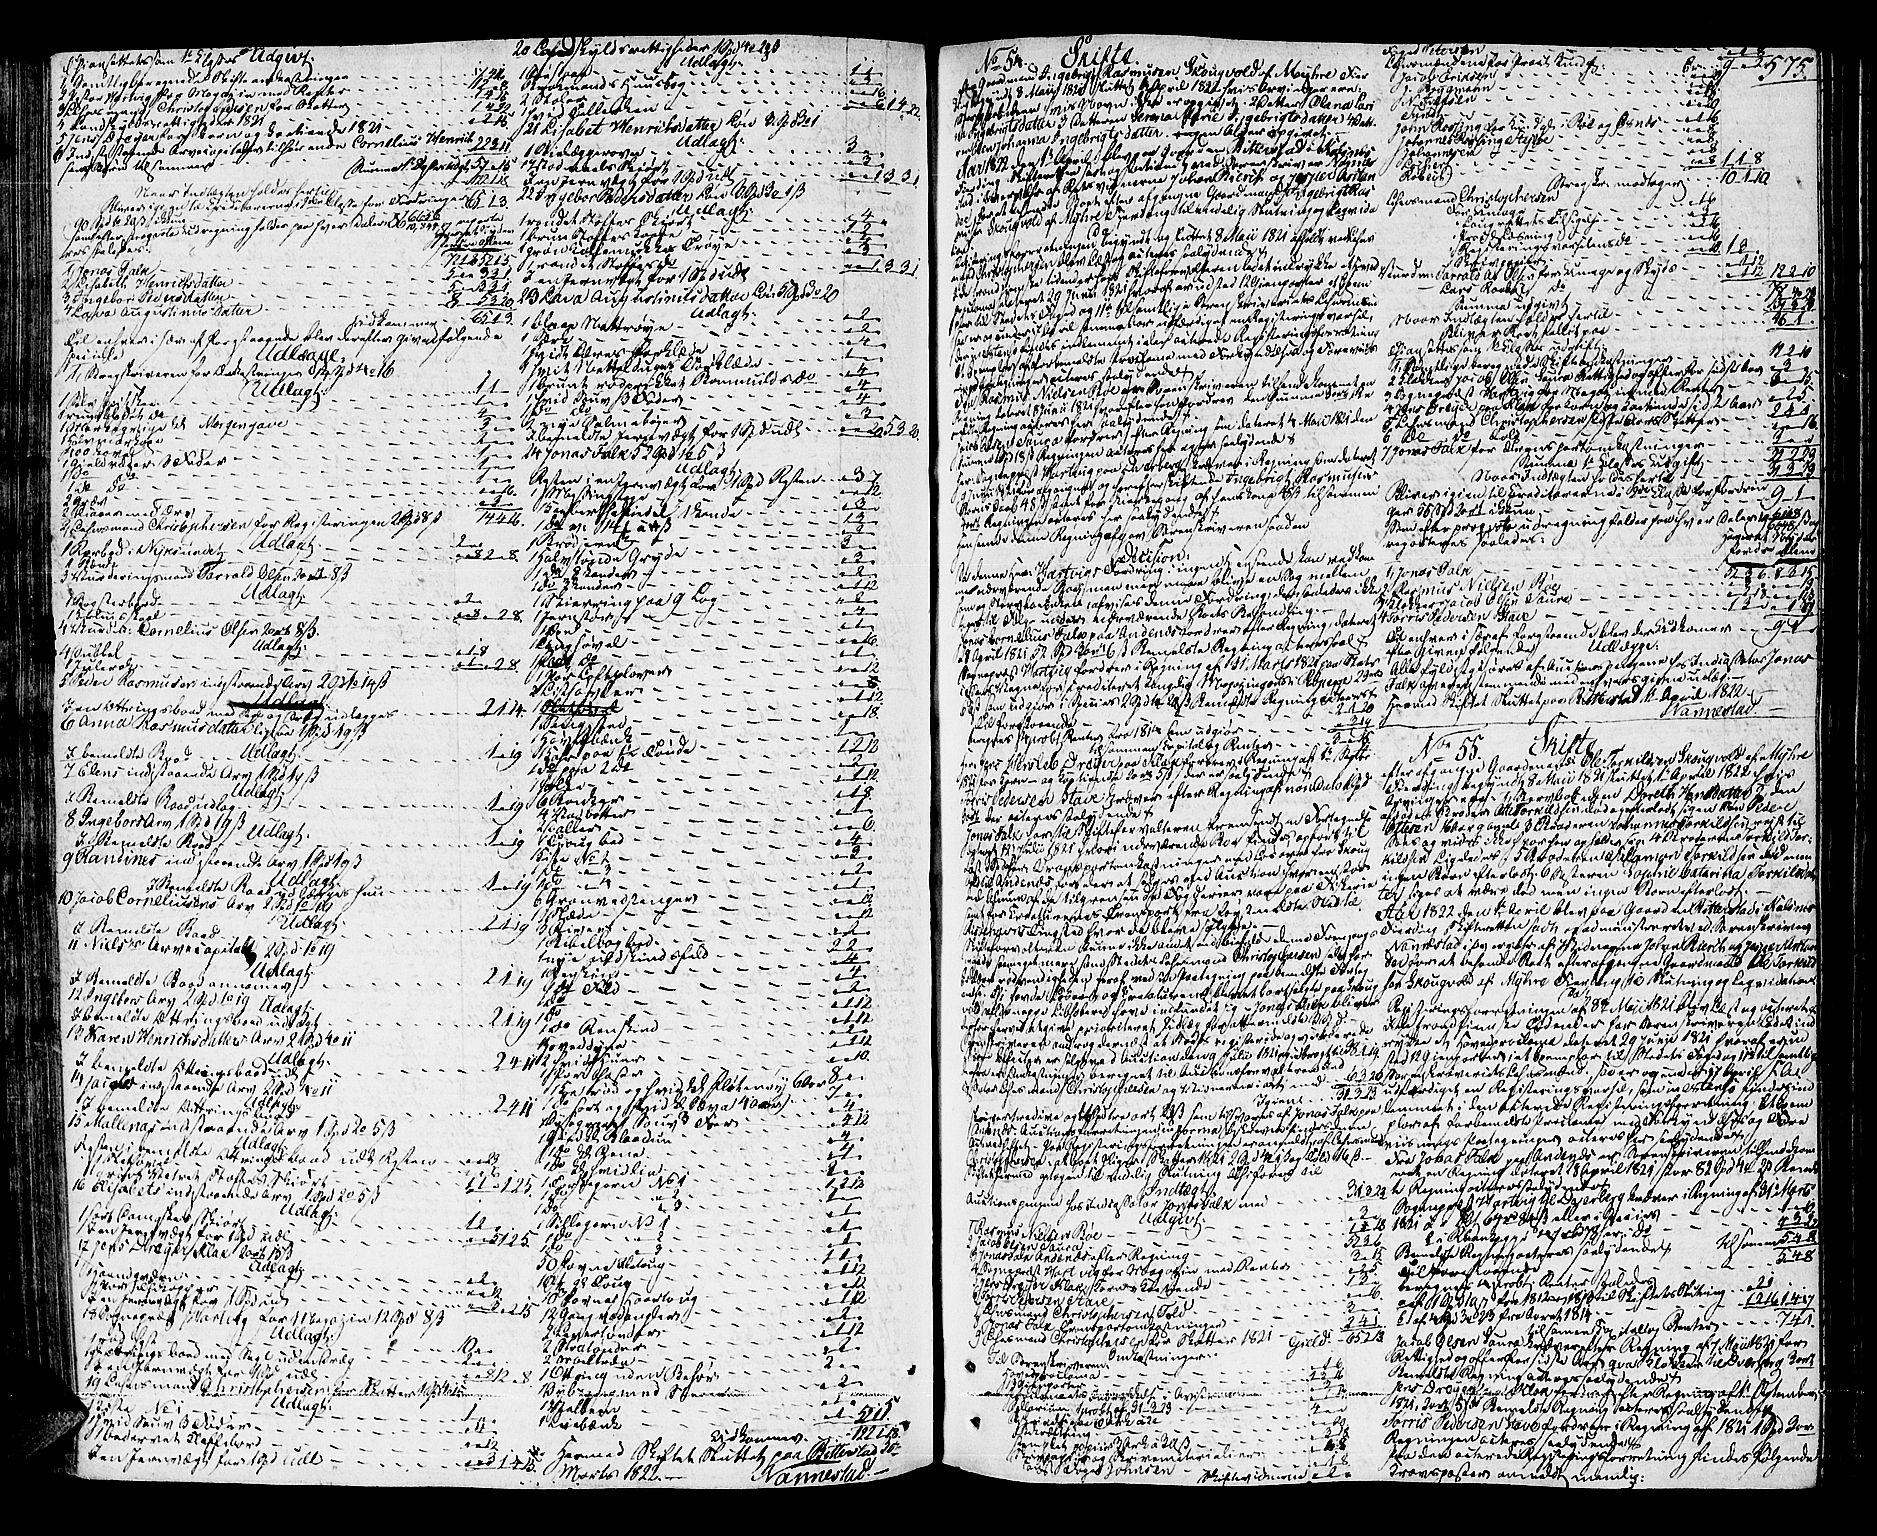 SAT, Vesterålen sorenskriveri, 3/3A/L0012: Skifteprotokoll, 1814-1825, s. 574b-575a